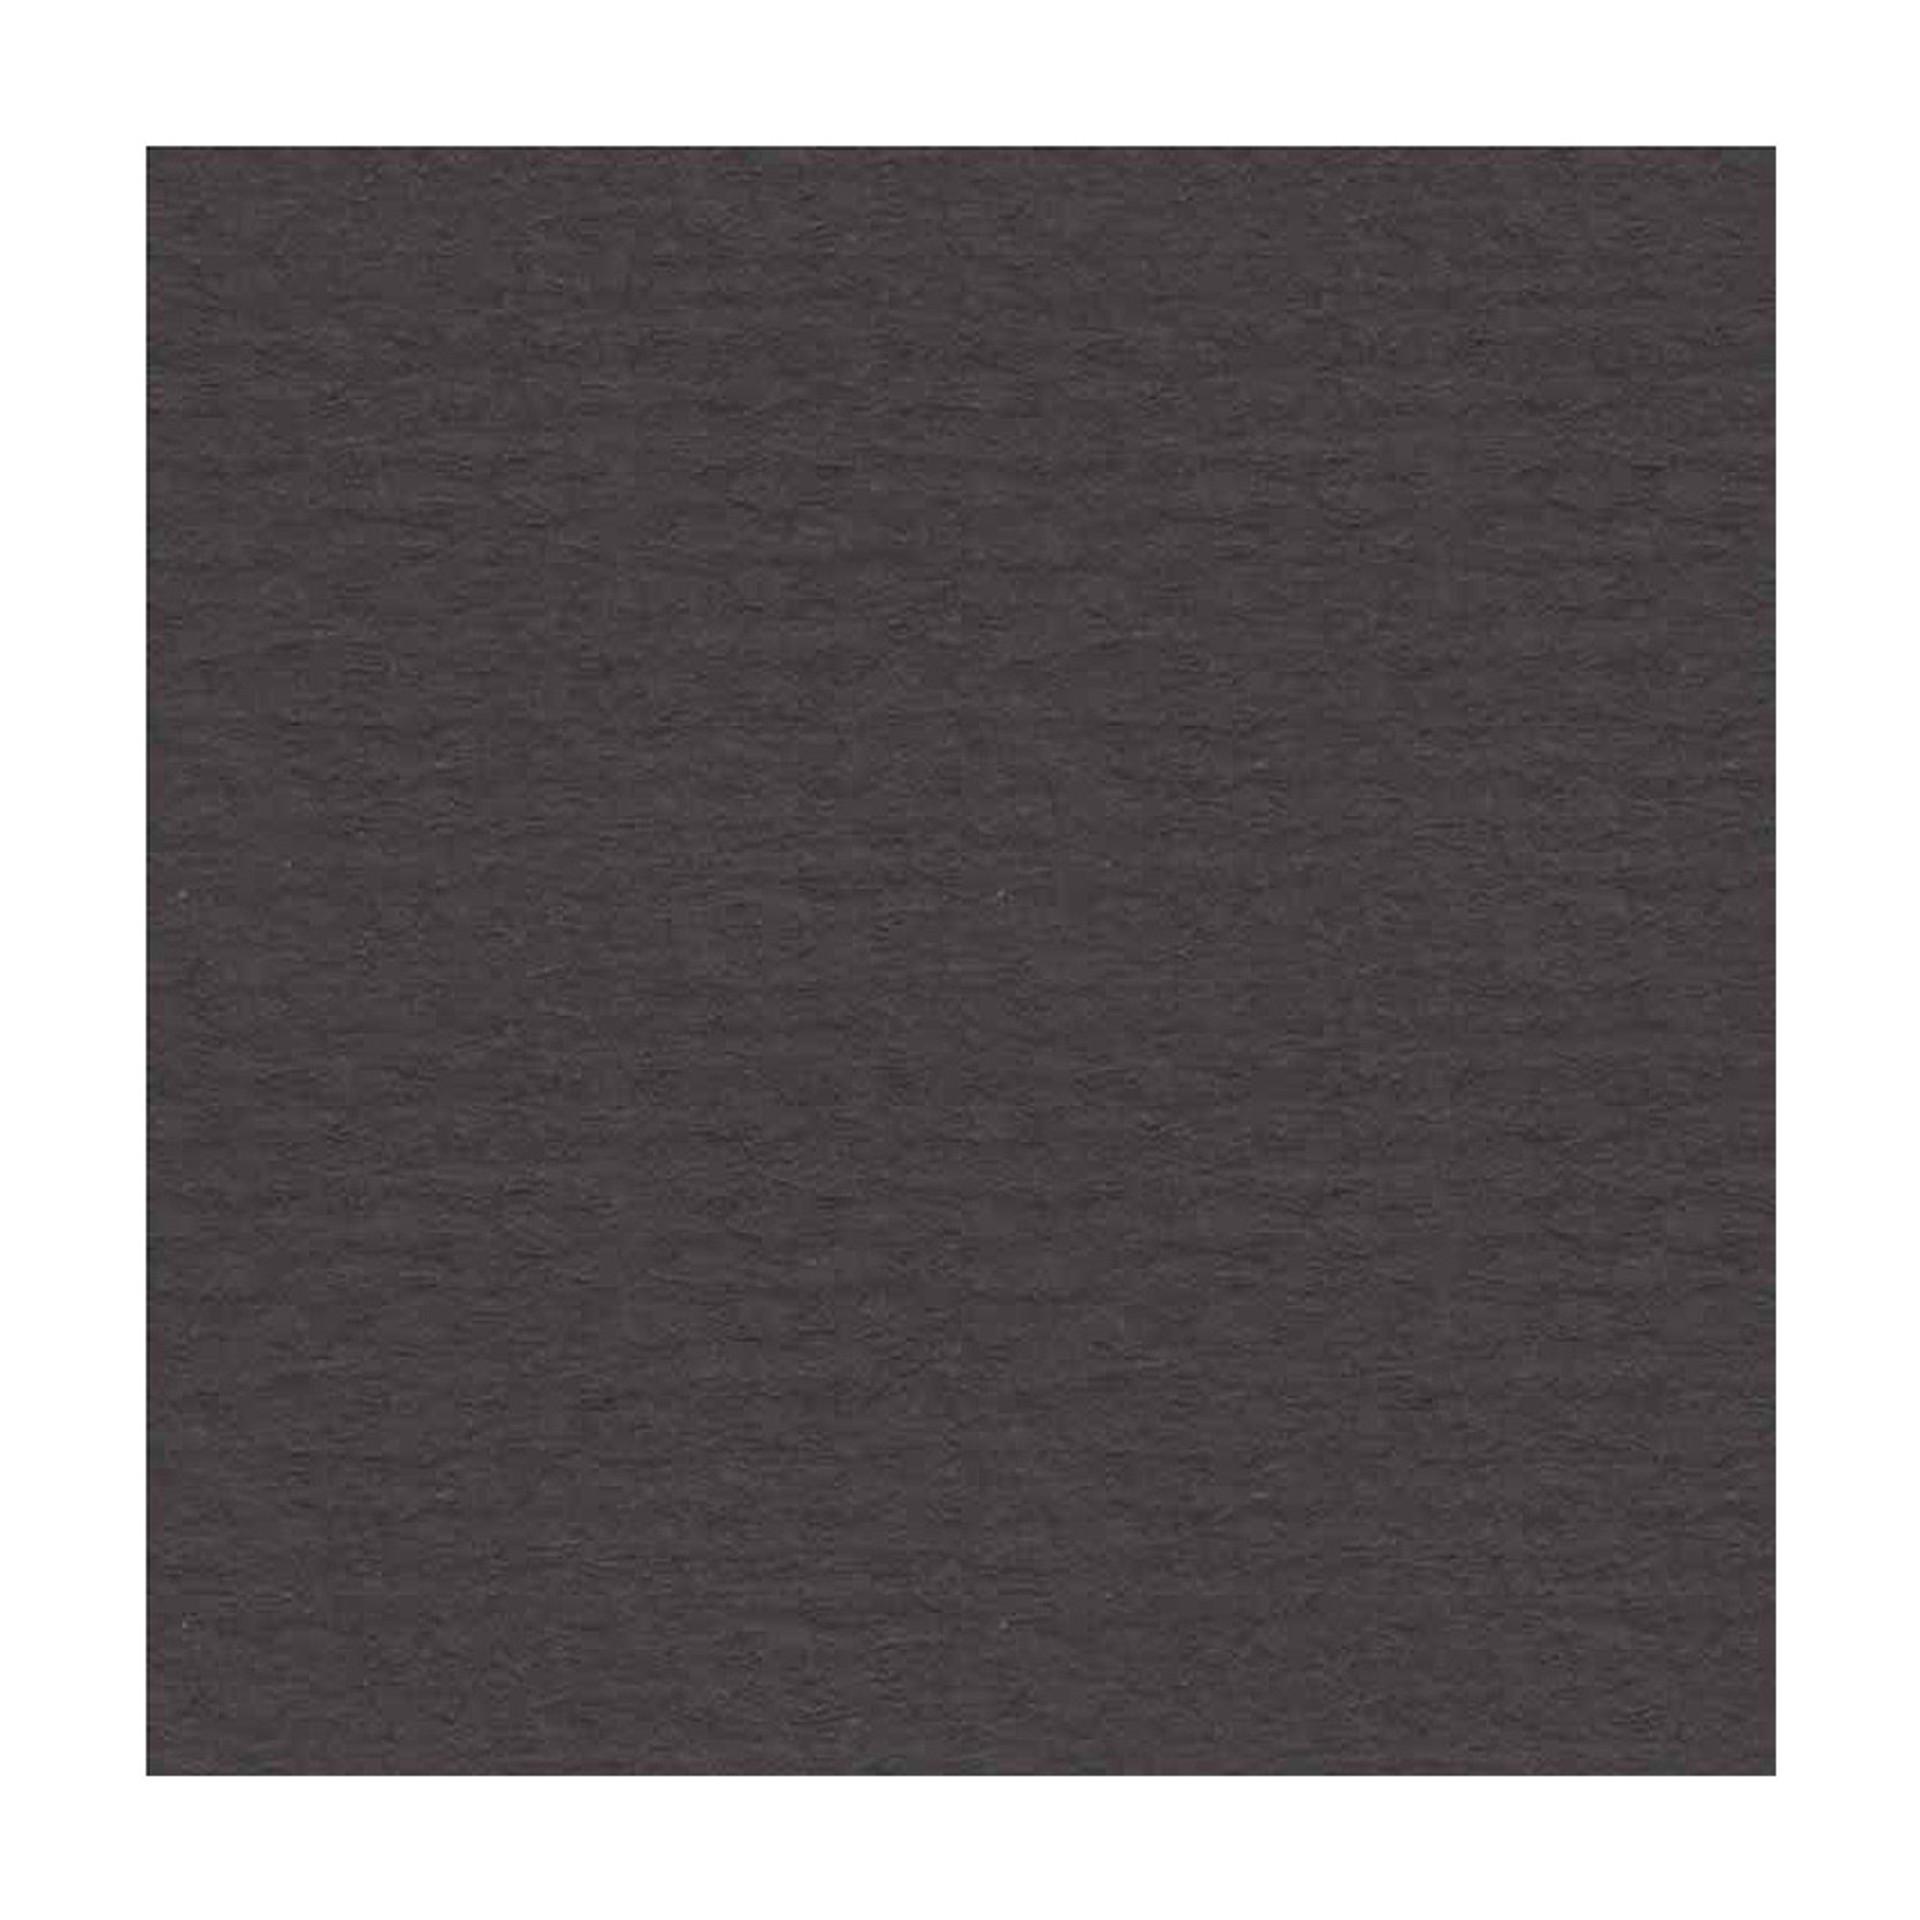 Strathmore Artist Texture Paper Kimono Black